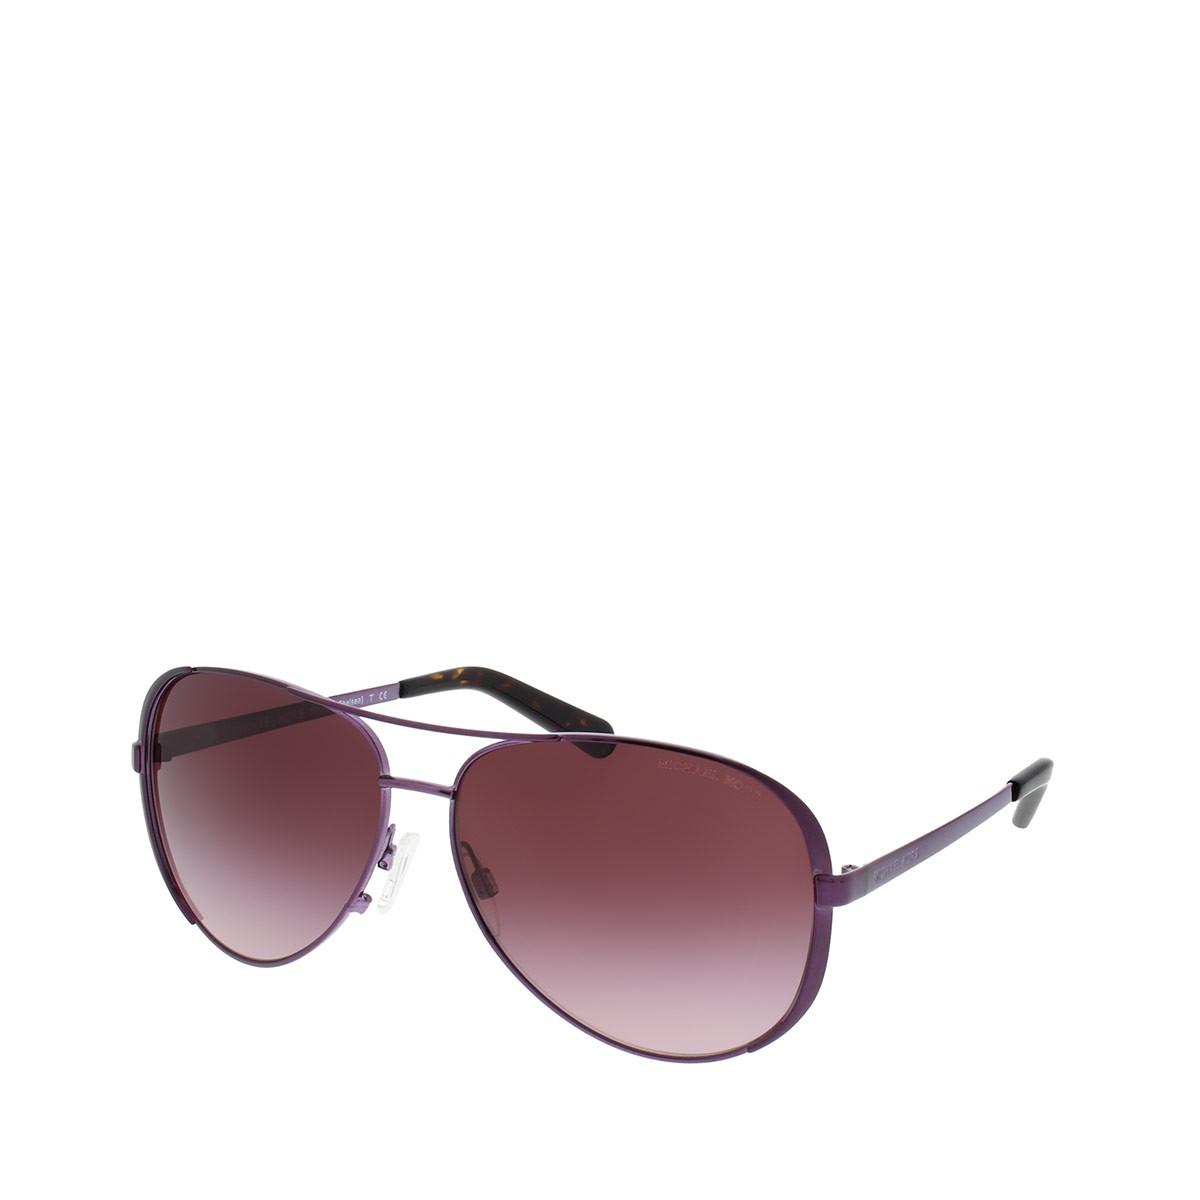 Michael Kors Sonnenbrille - MK 0MK5004 59 11588H - in lila - für Damen